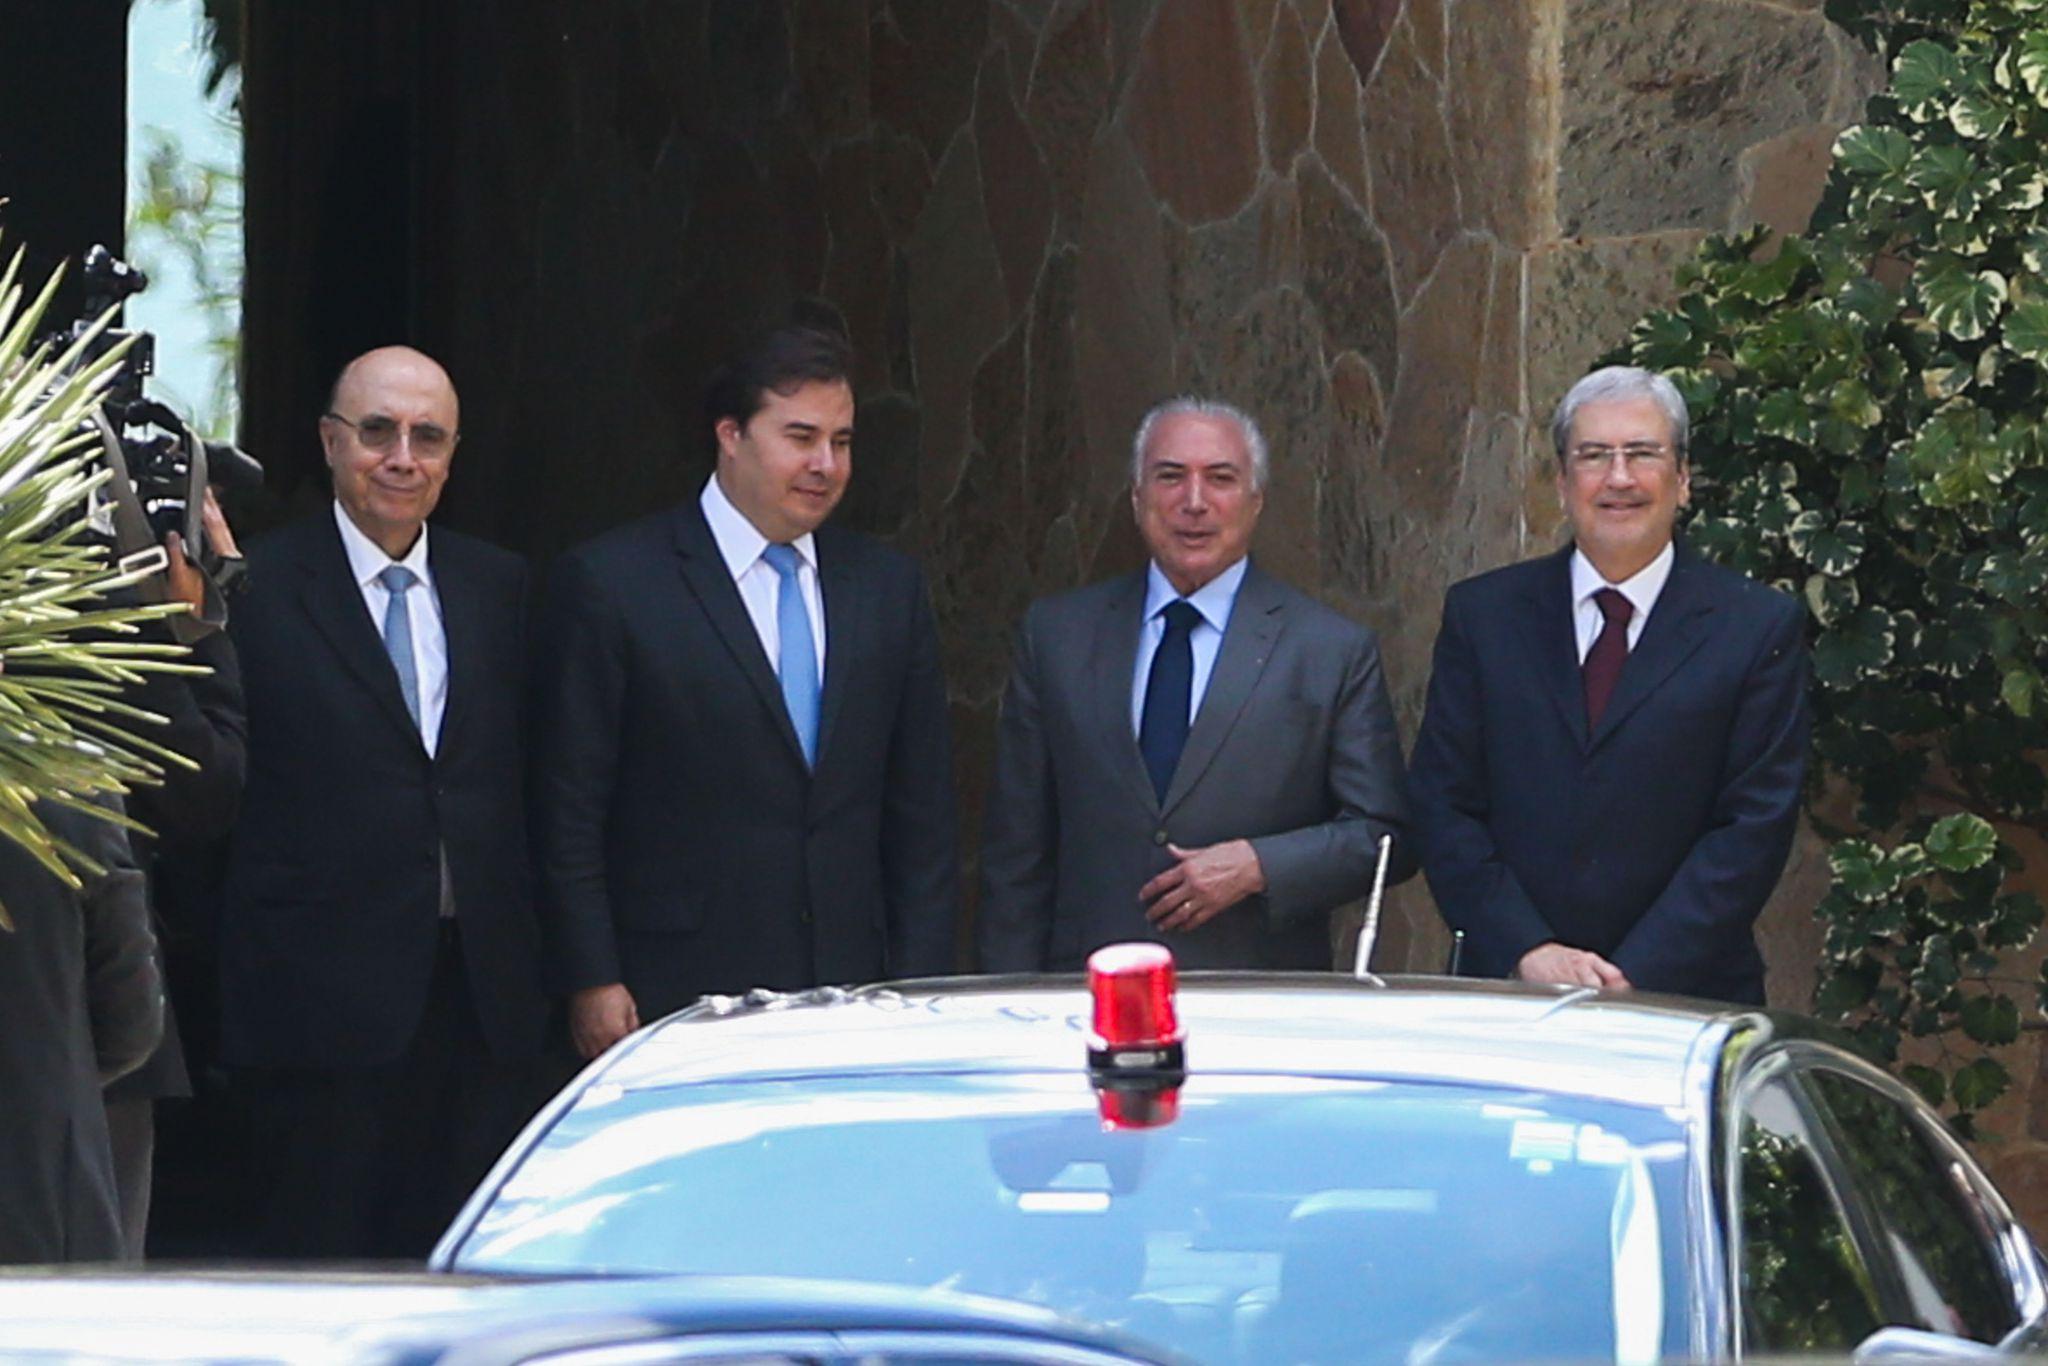 Reunião do presidentes da República, Michel Temer, da Câmara, Rodrigo Maia, e do Senado, Eunício Oliveira, com governadores